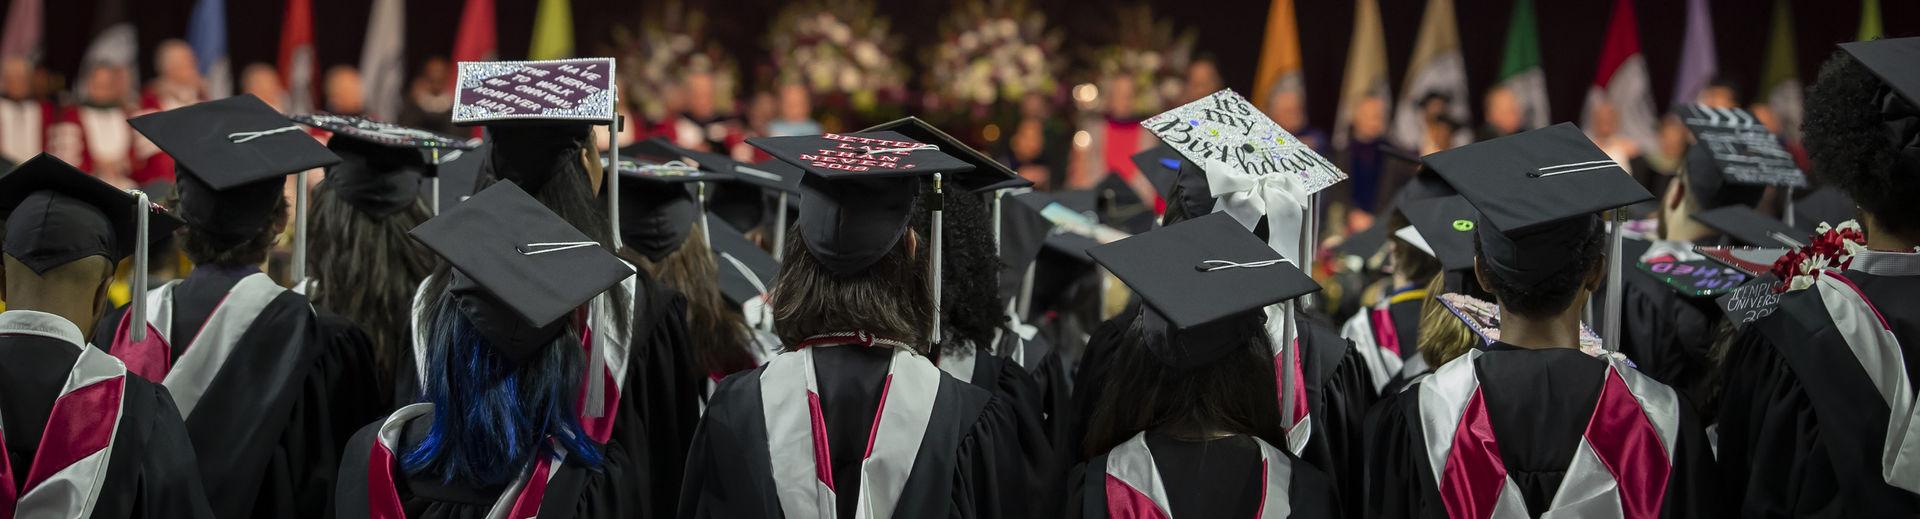 Temple graduates in stadium